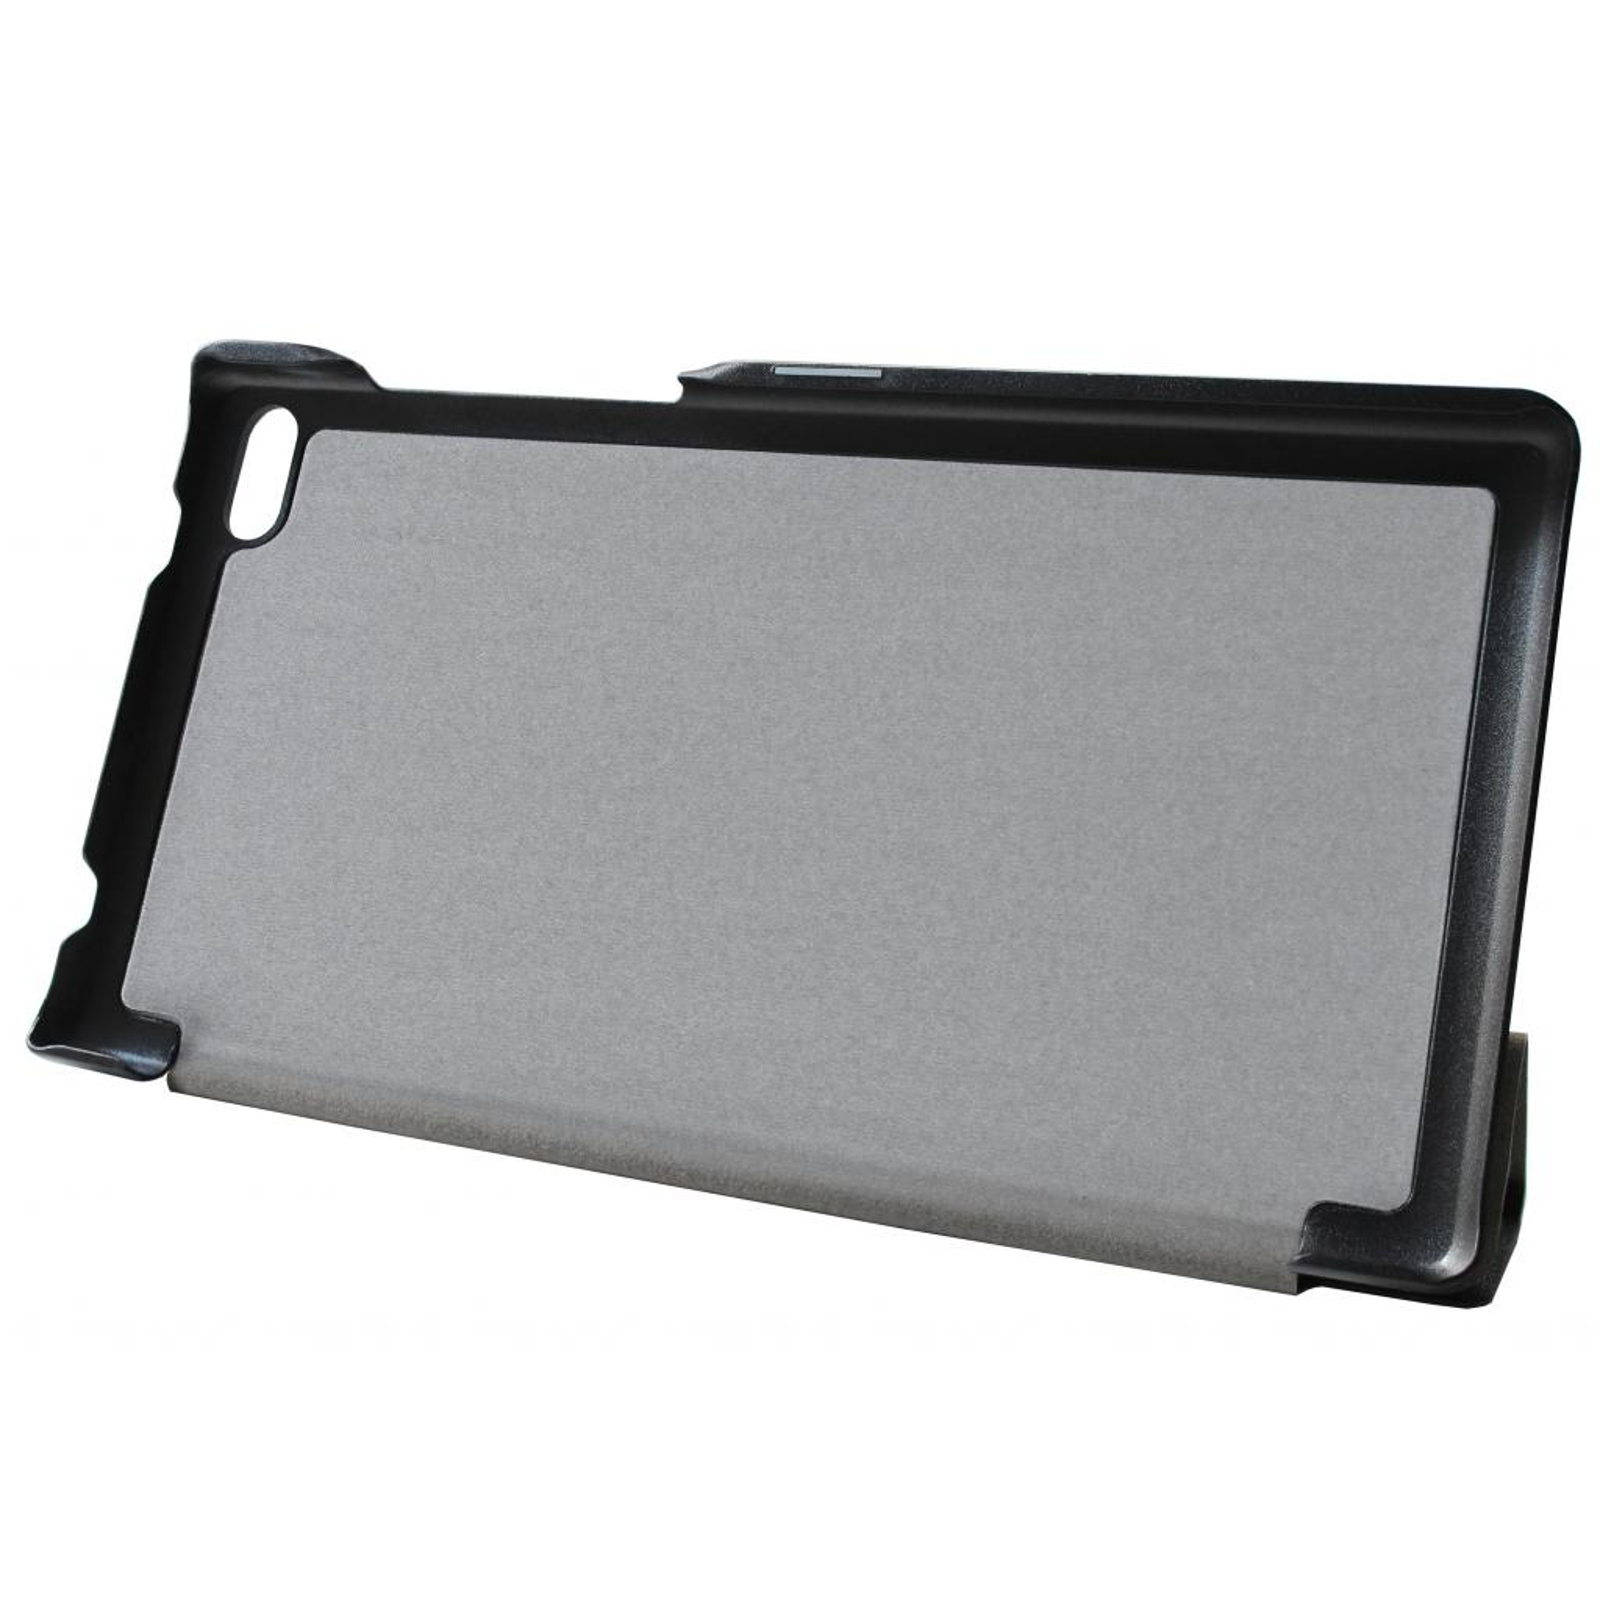 Чехол для планшета Grand-X для Lenovo TAB4 7 TB-7304x Black (LT47PBK) изображение 5